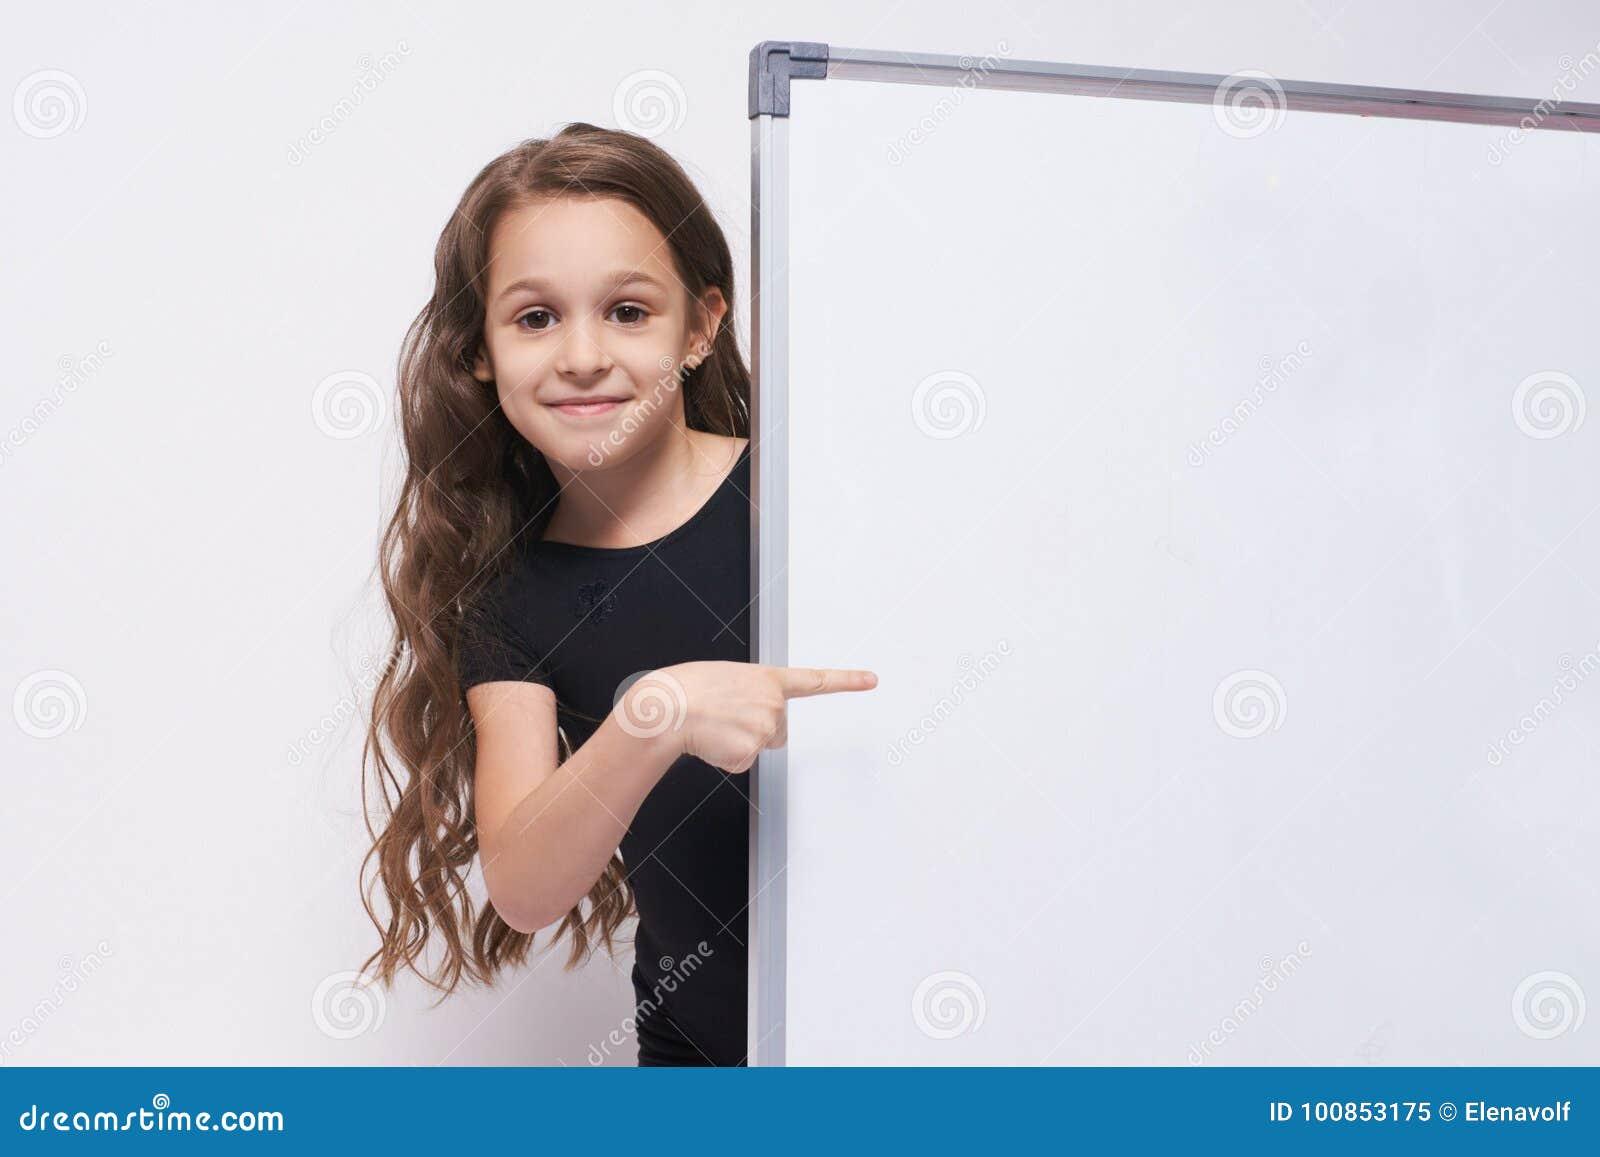 Flicka Stående barn boaen brunett gest show